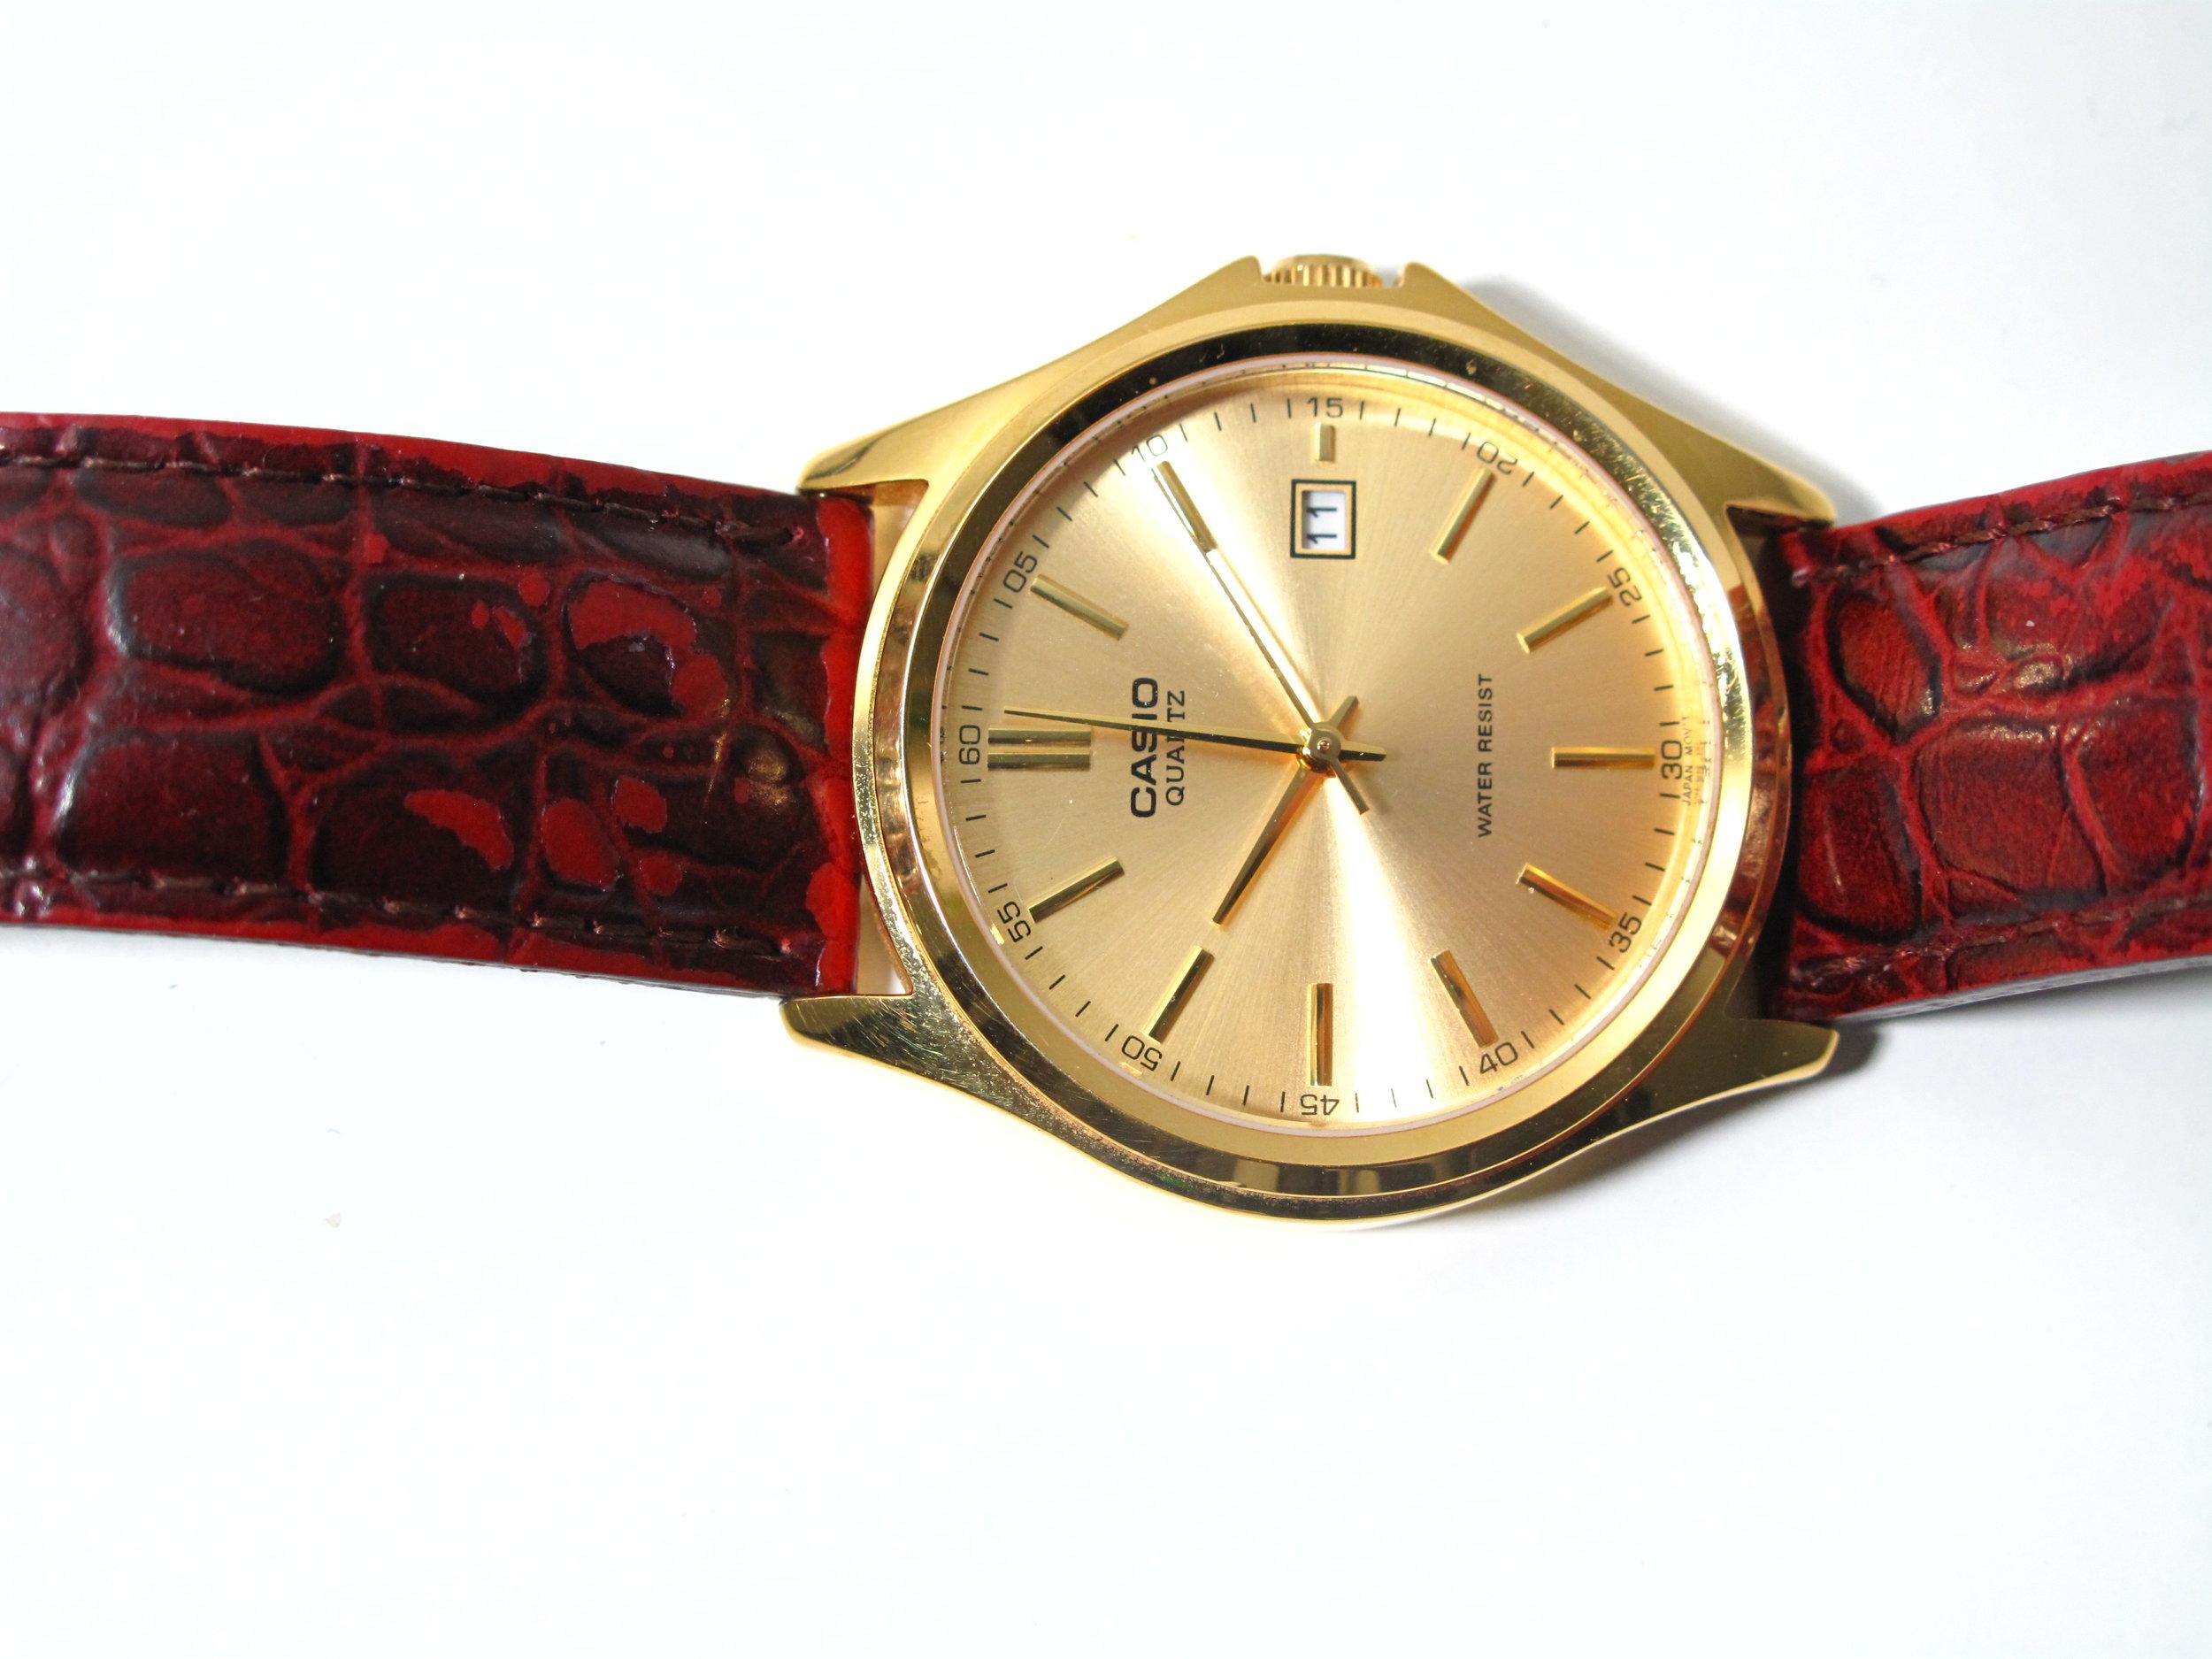 Casio-montre_cuir2PARIS